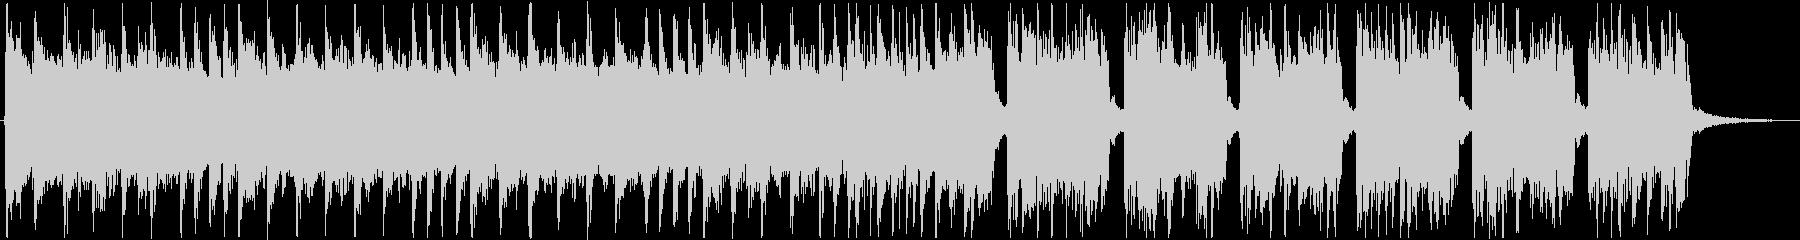 テクノポップの速さを感じる曲の未再生の波形